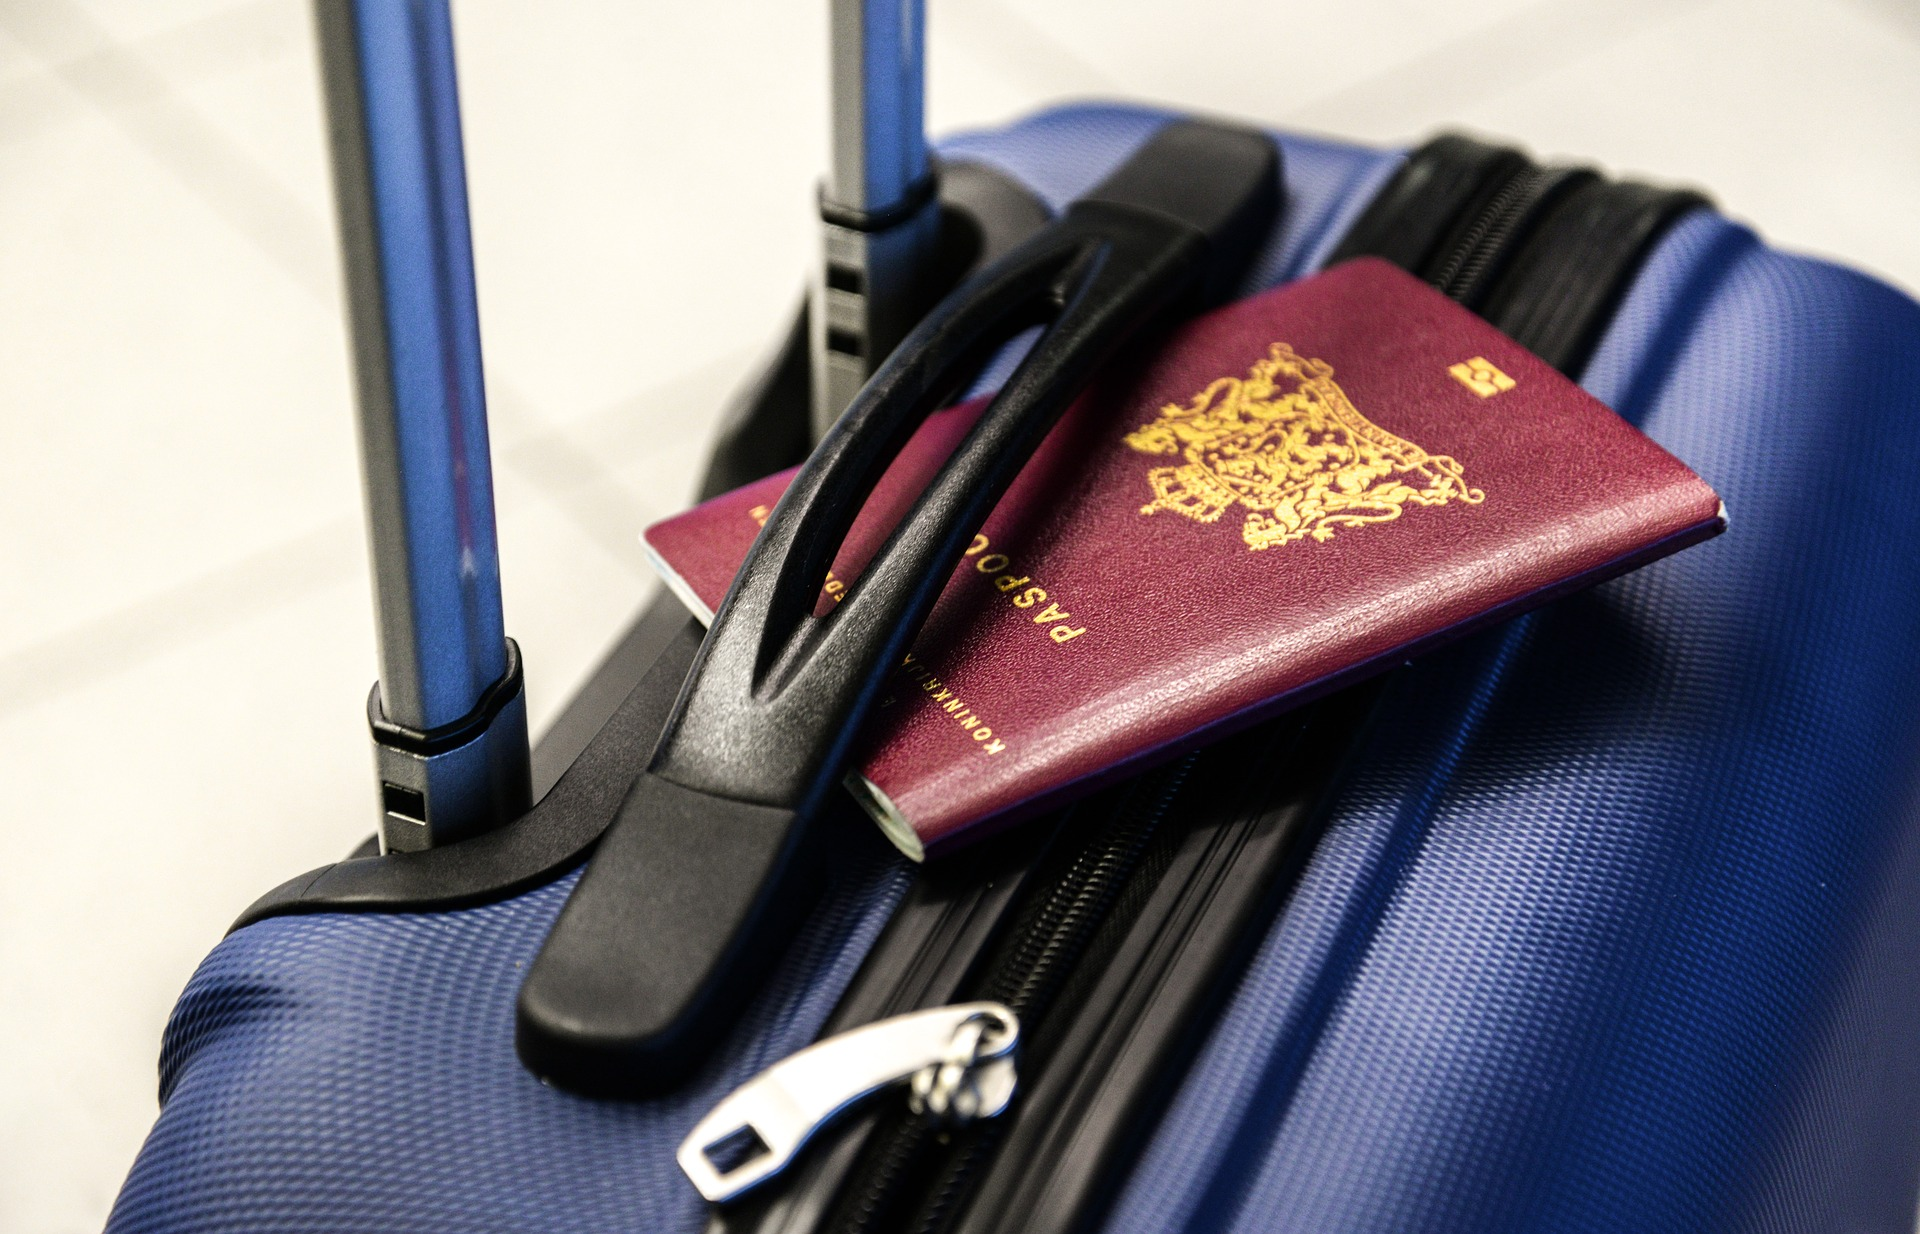 passport-2733068_1920.jpg